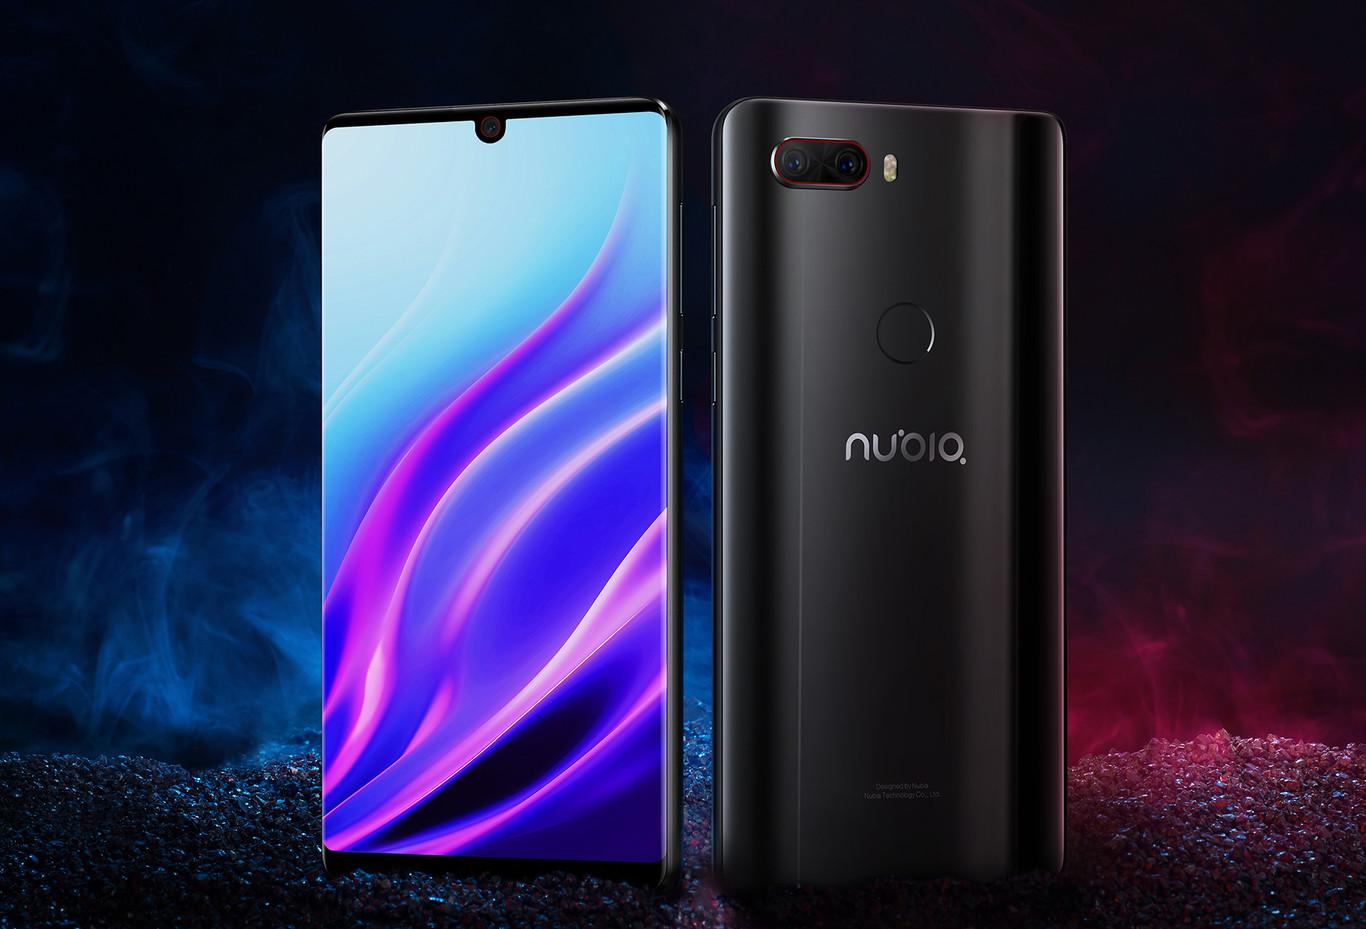 imágenes desvelan que el próximo móvil de Nubia tendrá dos pantallas